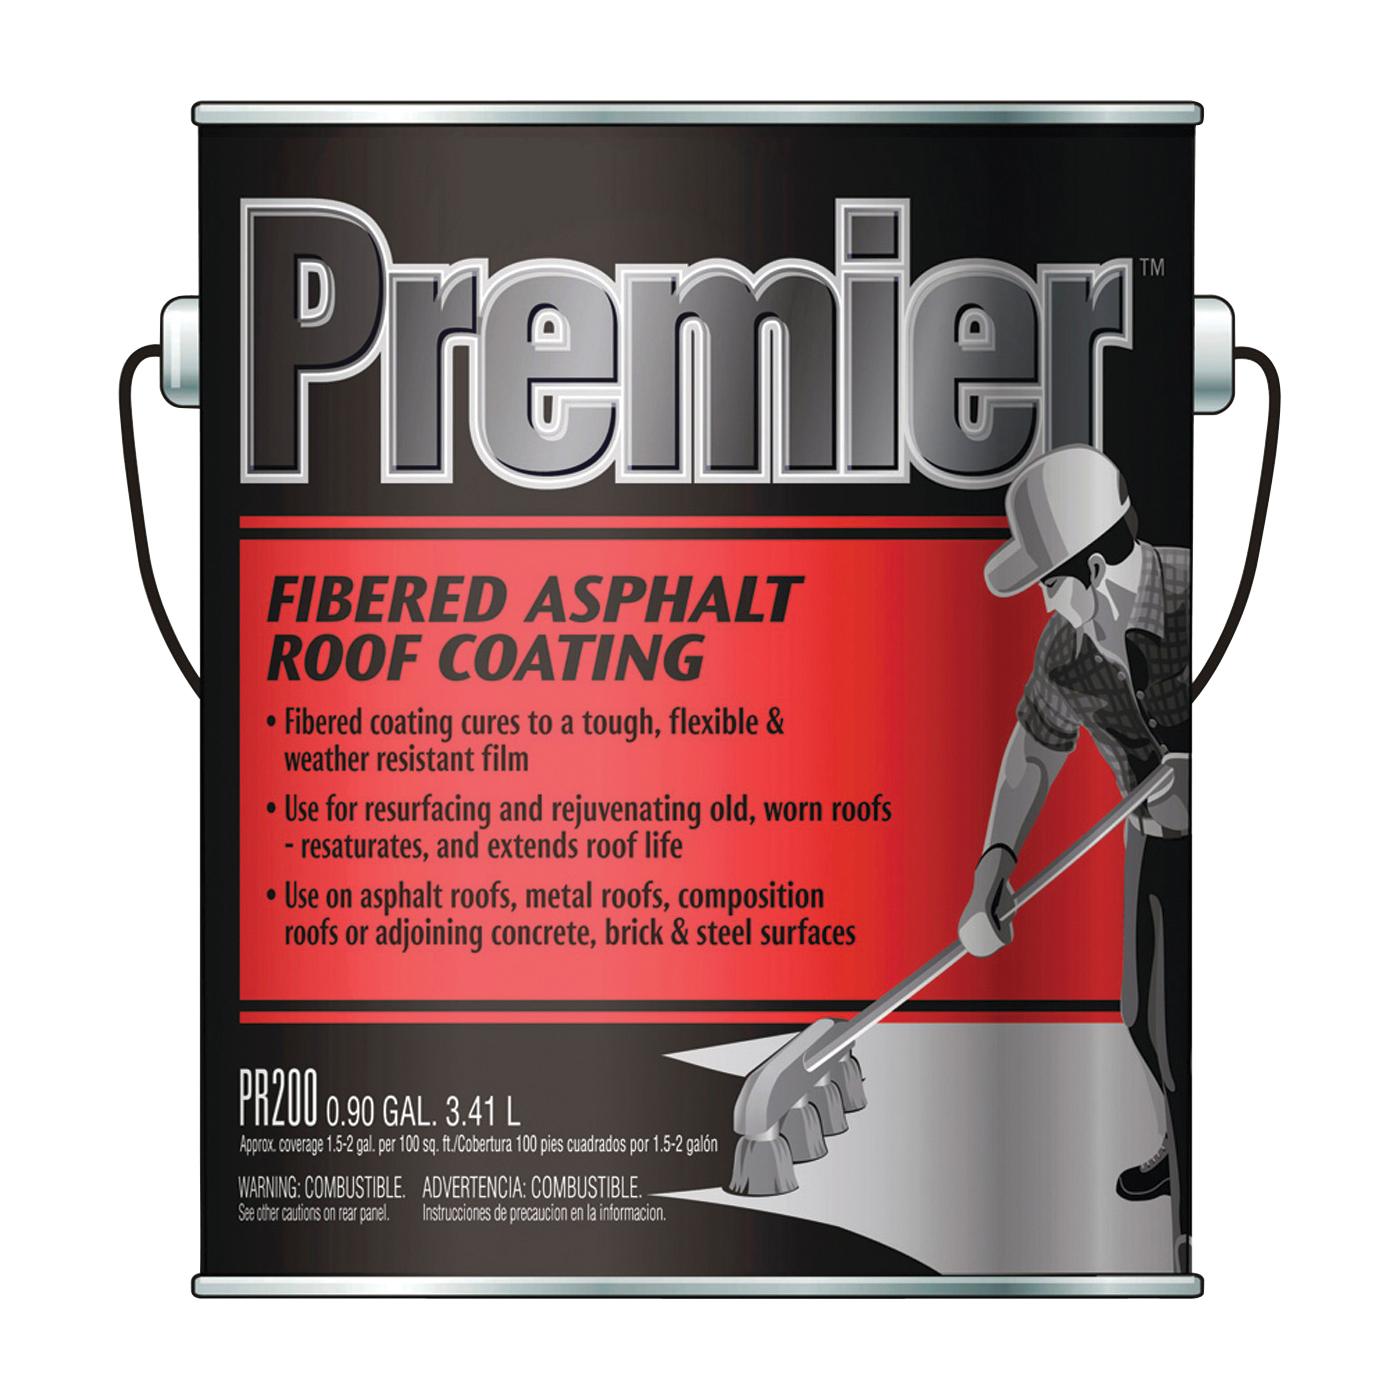 Picture of Henry PR200042 Asphalt Roof Coating, Black, 3.41 L, Can, Liquid